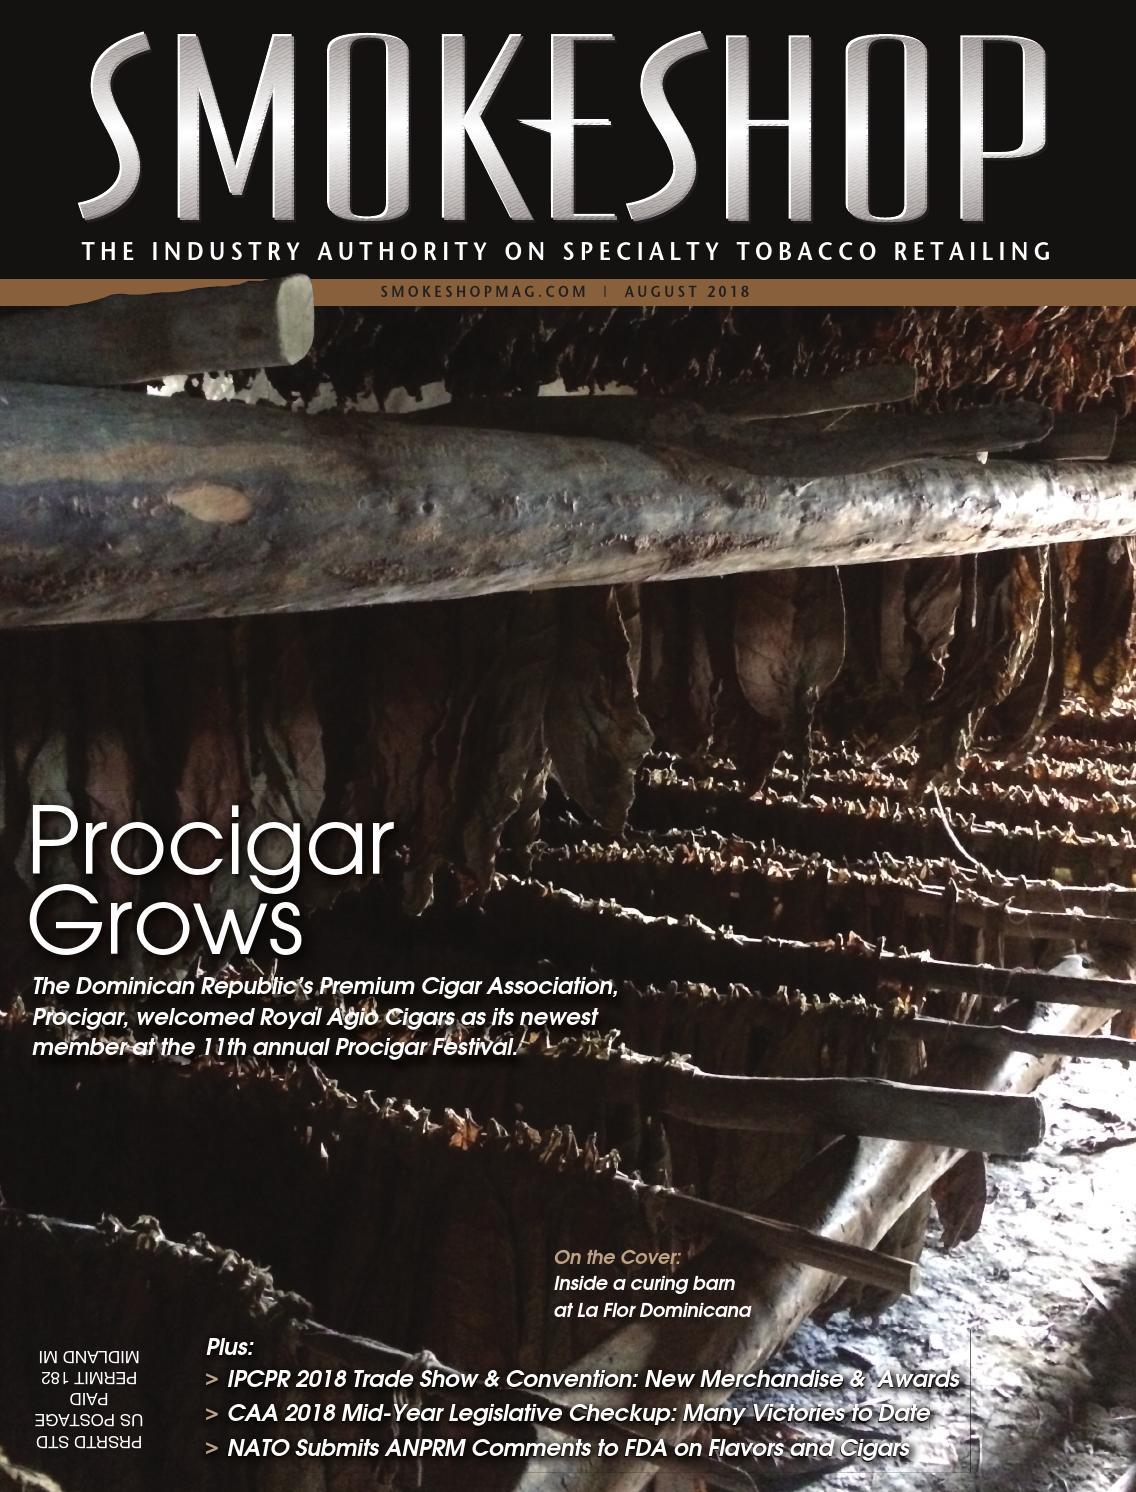 Smokeshop Magazine – August 2018 by Smokeshop Magazine - issuu